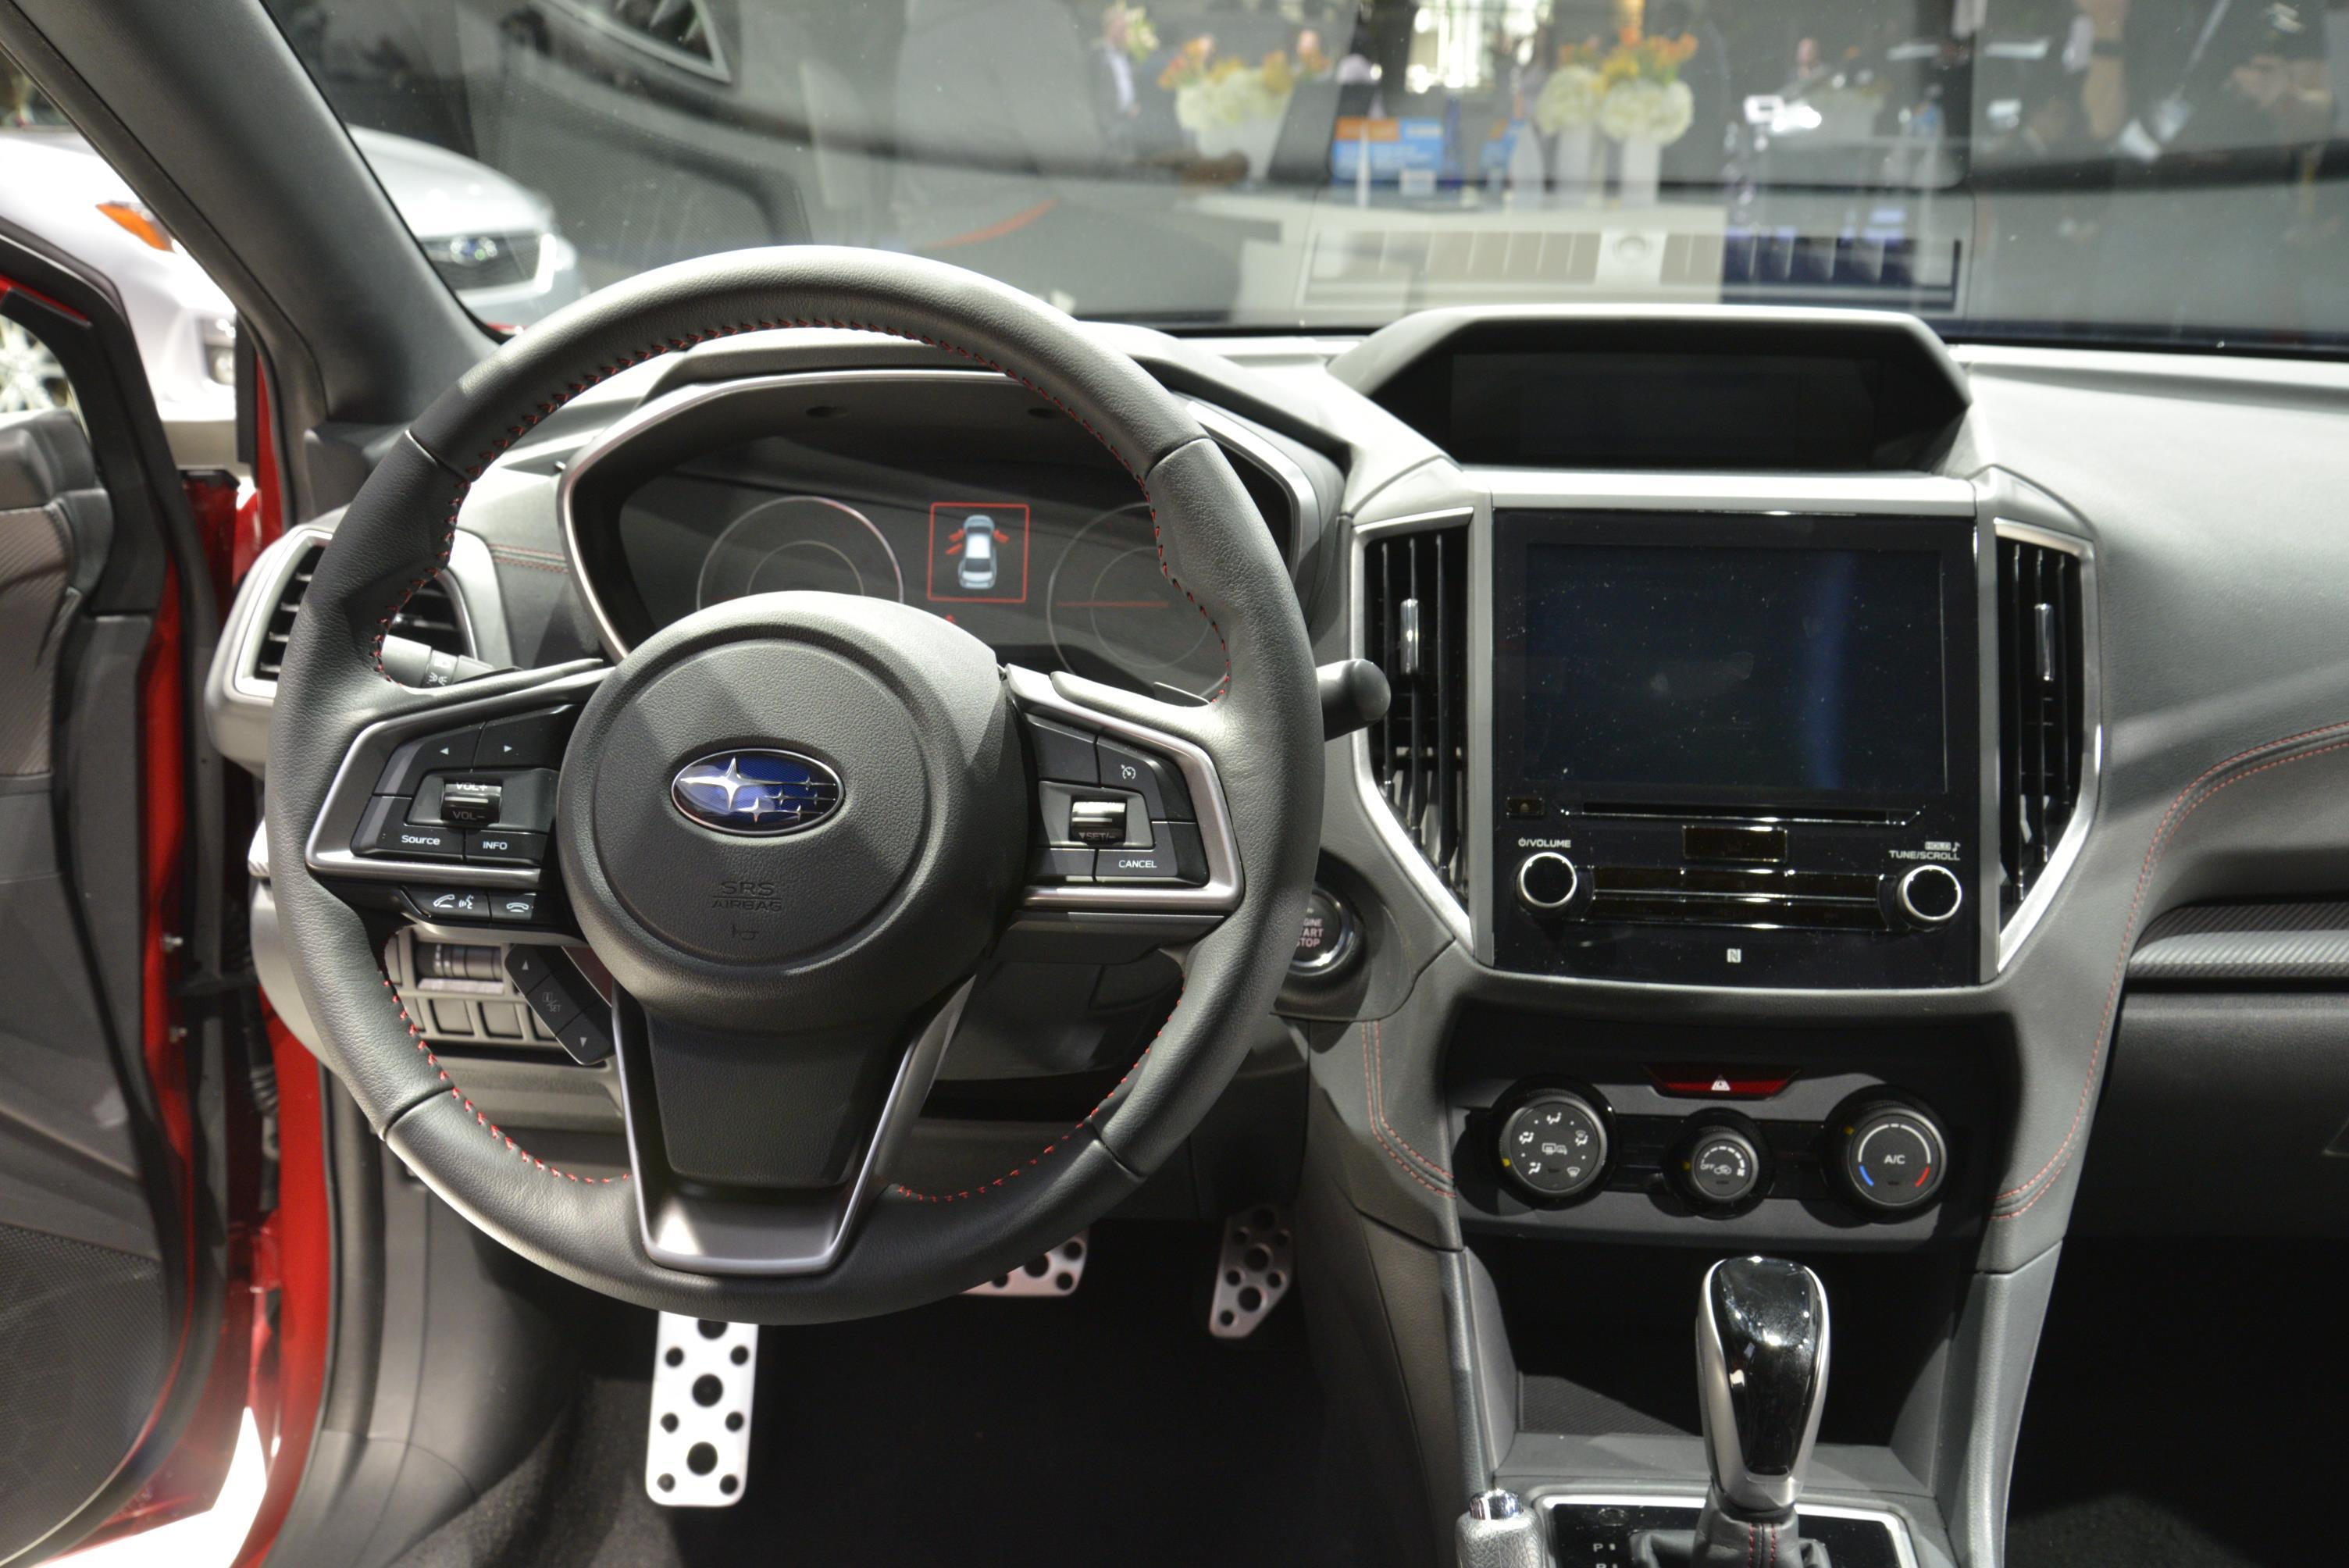 2017 Subaru Impreza Promises Better Handling Crash Safety And Ride